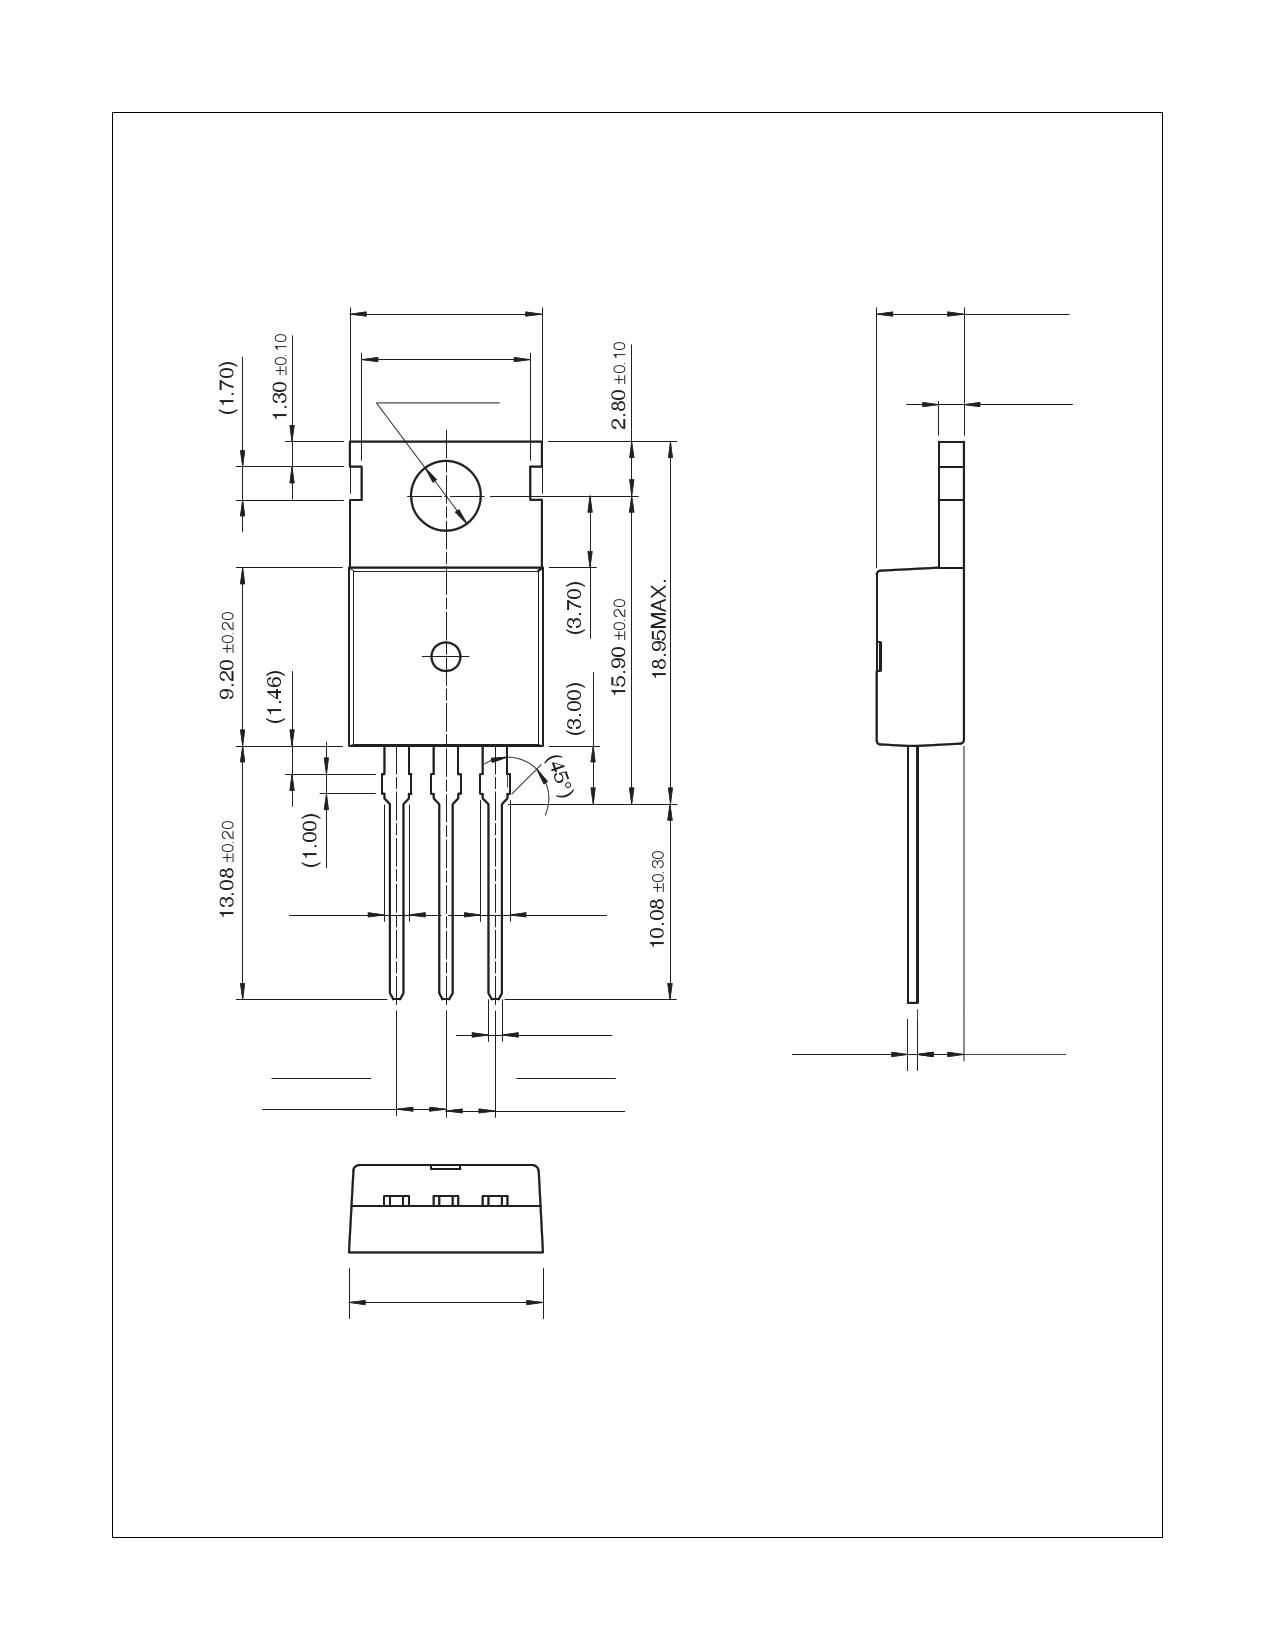 FDP10N60ZU 전자부품, 판매, 대치품